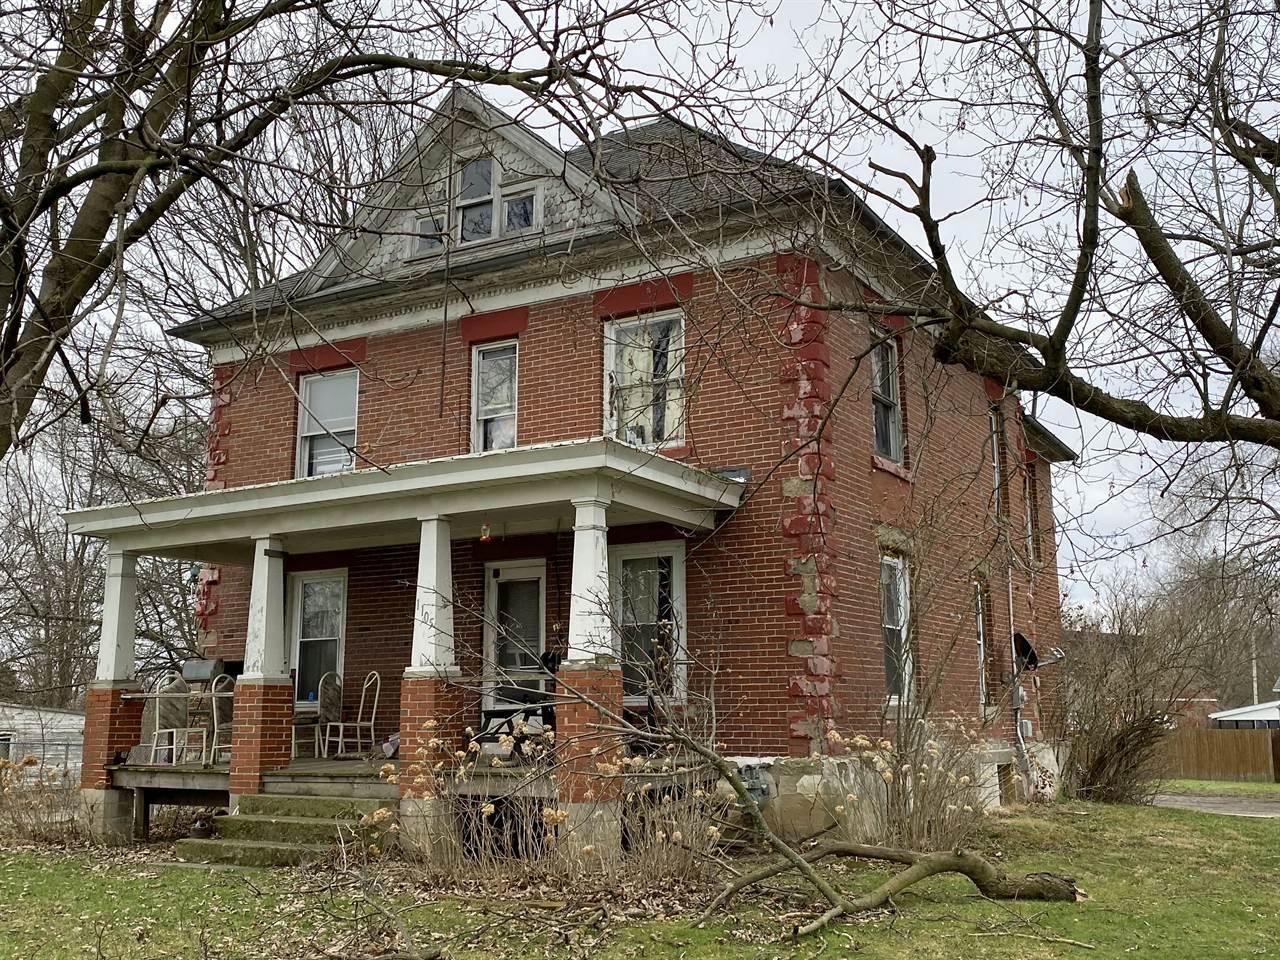 1105 Cleveland Ave, Ashland, OH 44805